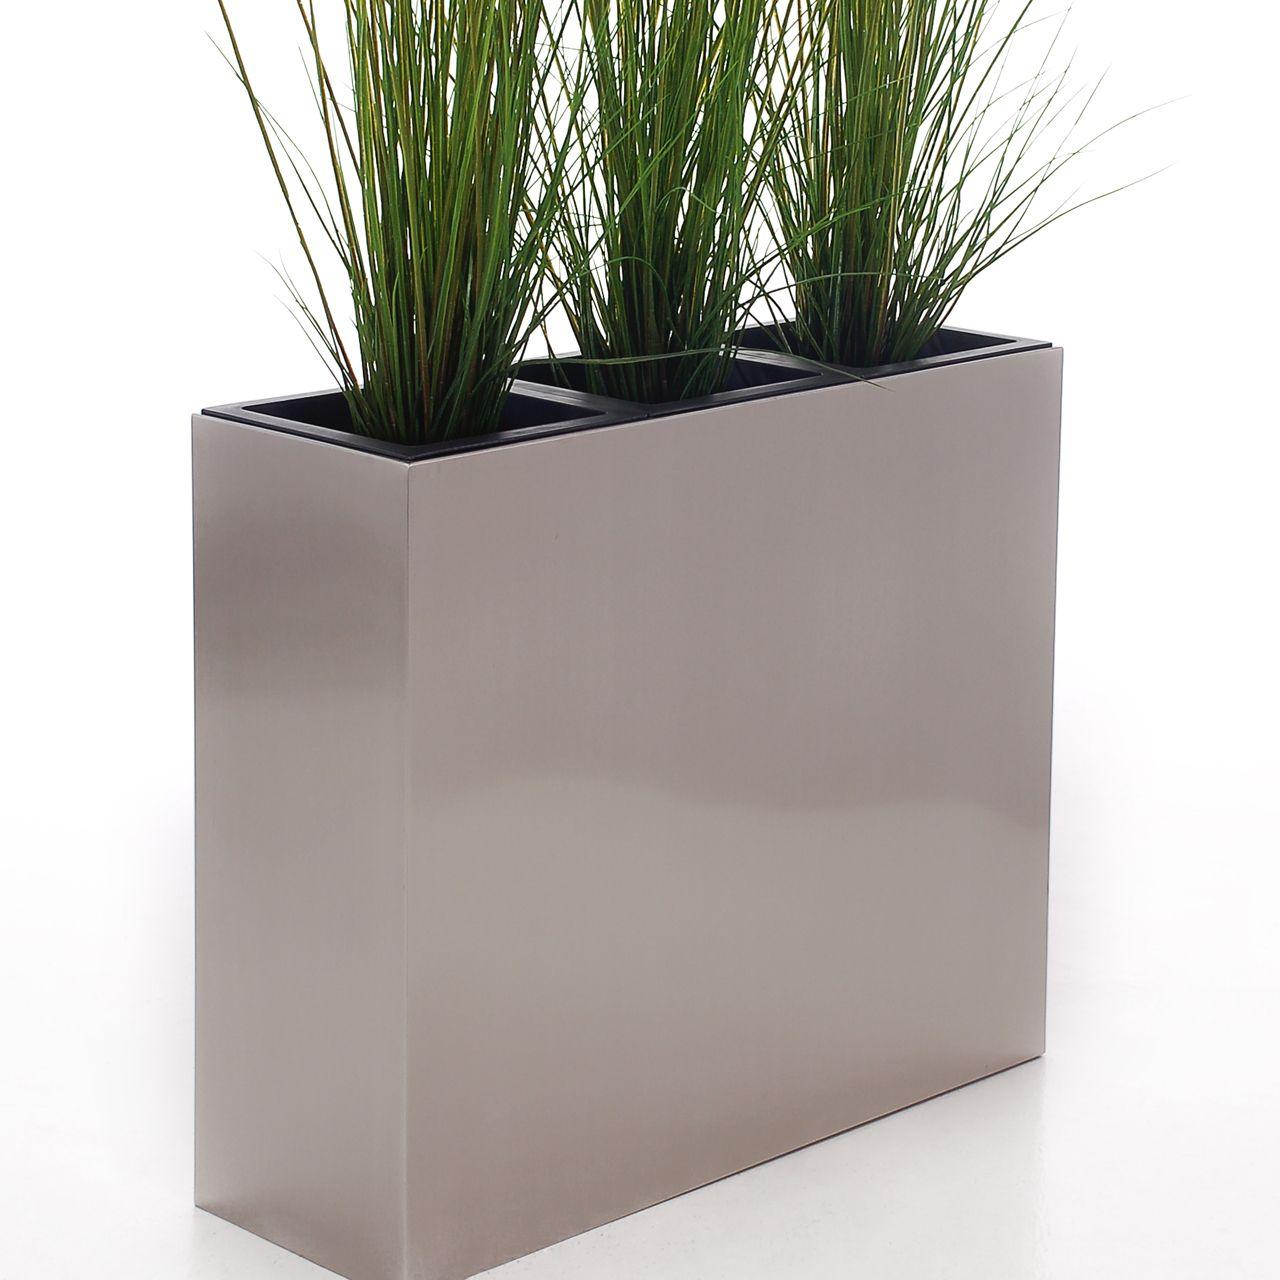 raumteiler elemento aus edelstahl und cortenstahl. Black Bedroom Furniture Sets. Home Design Ideas